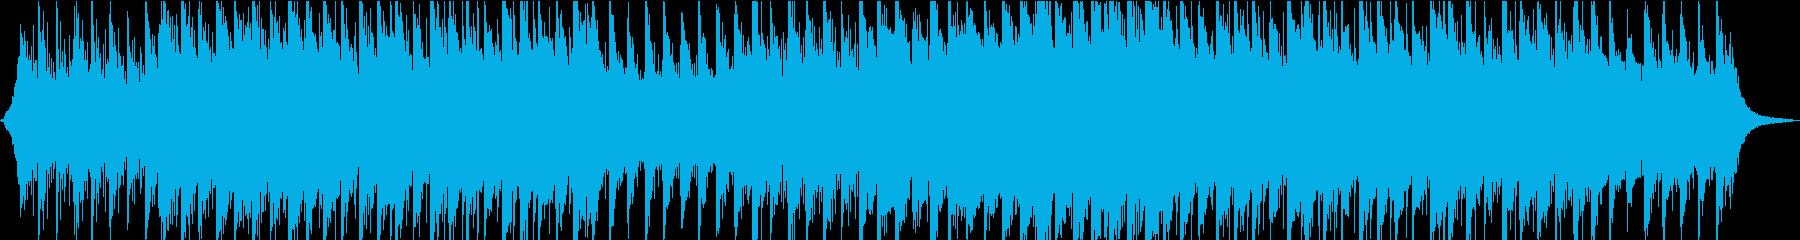 和風・オリエンタルなコーポレート③の再生済みの波形